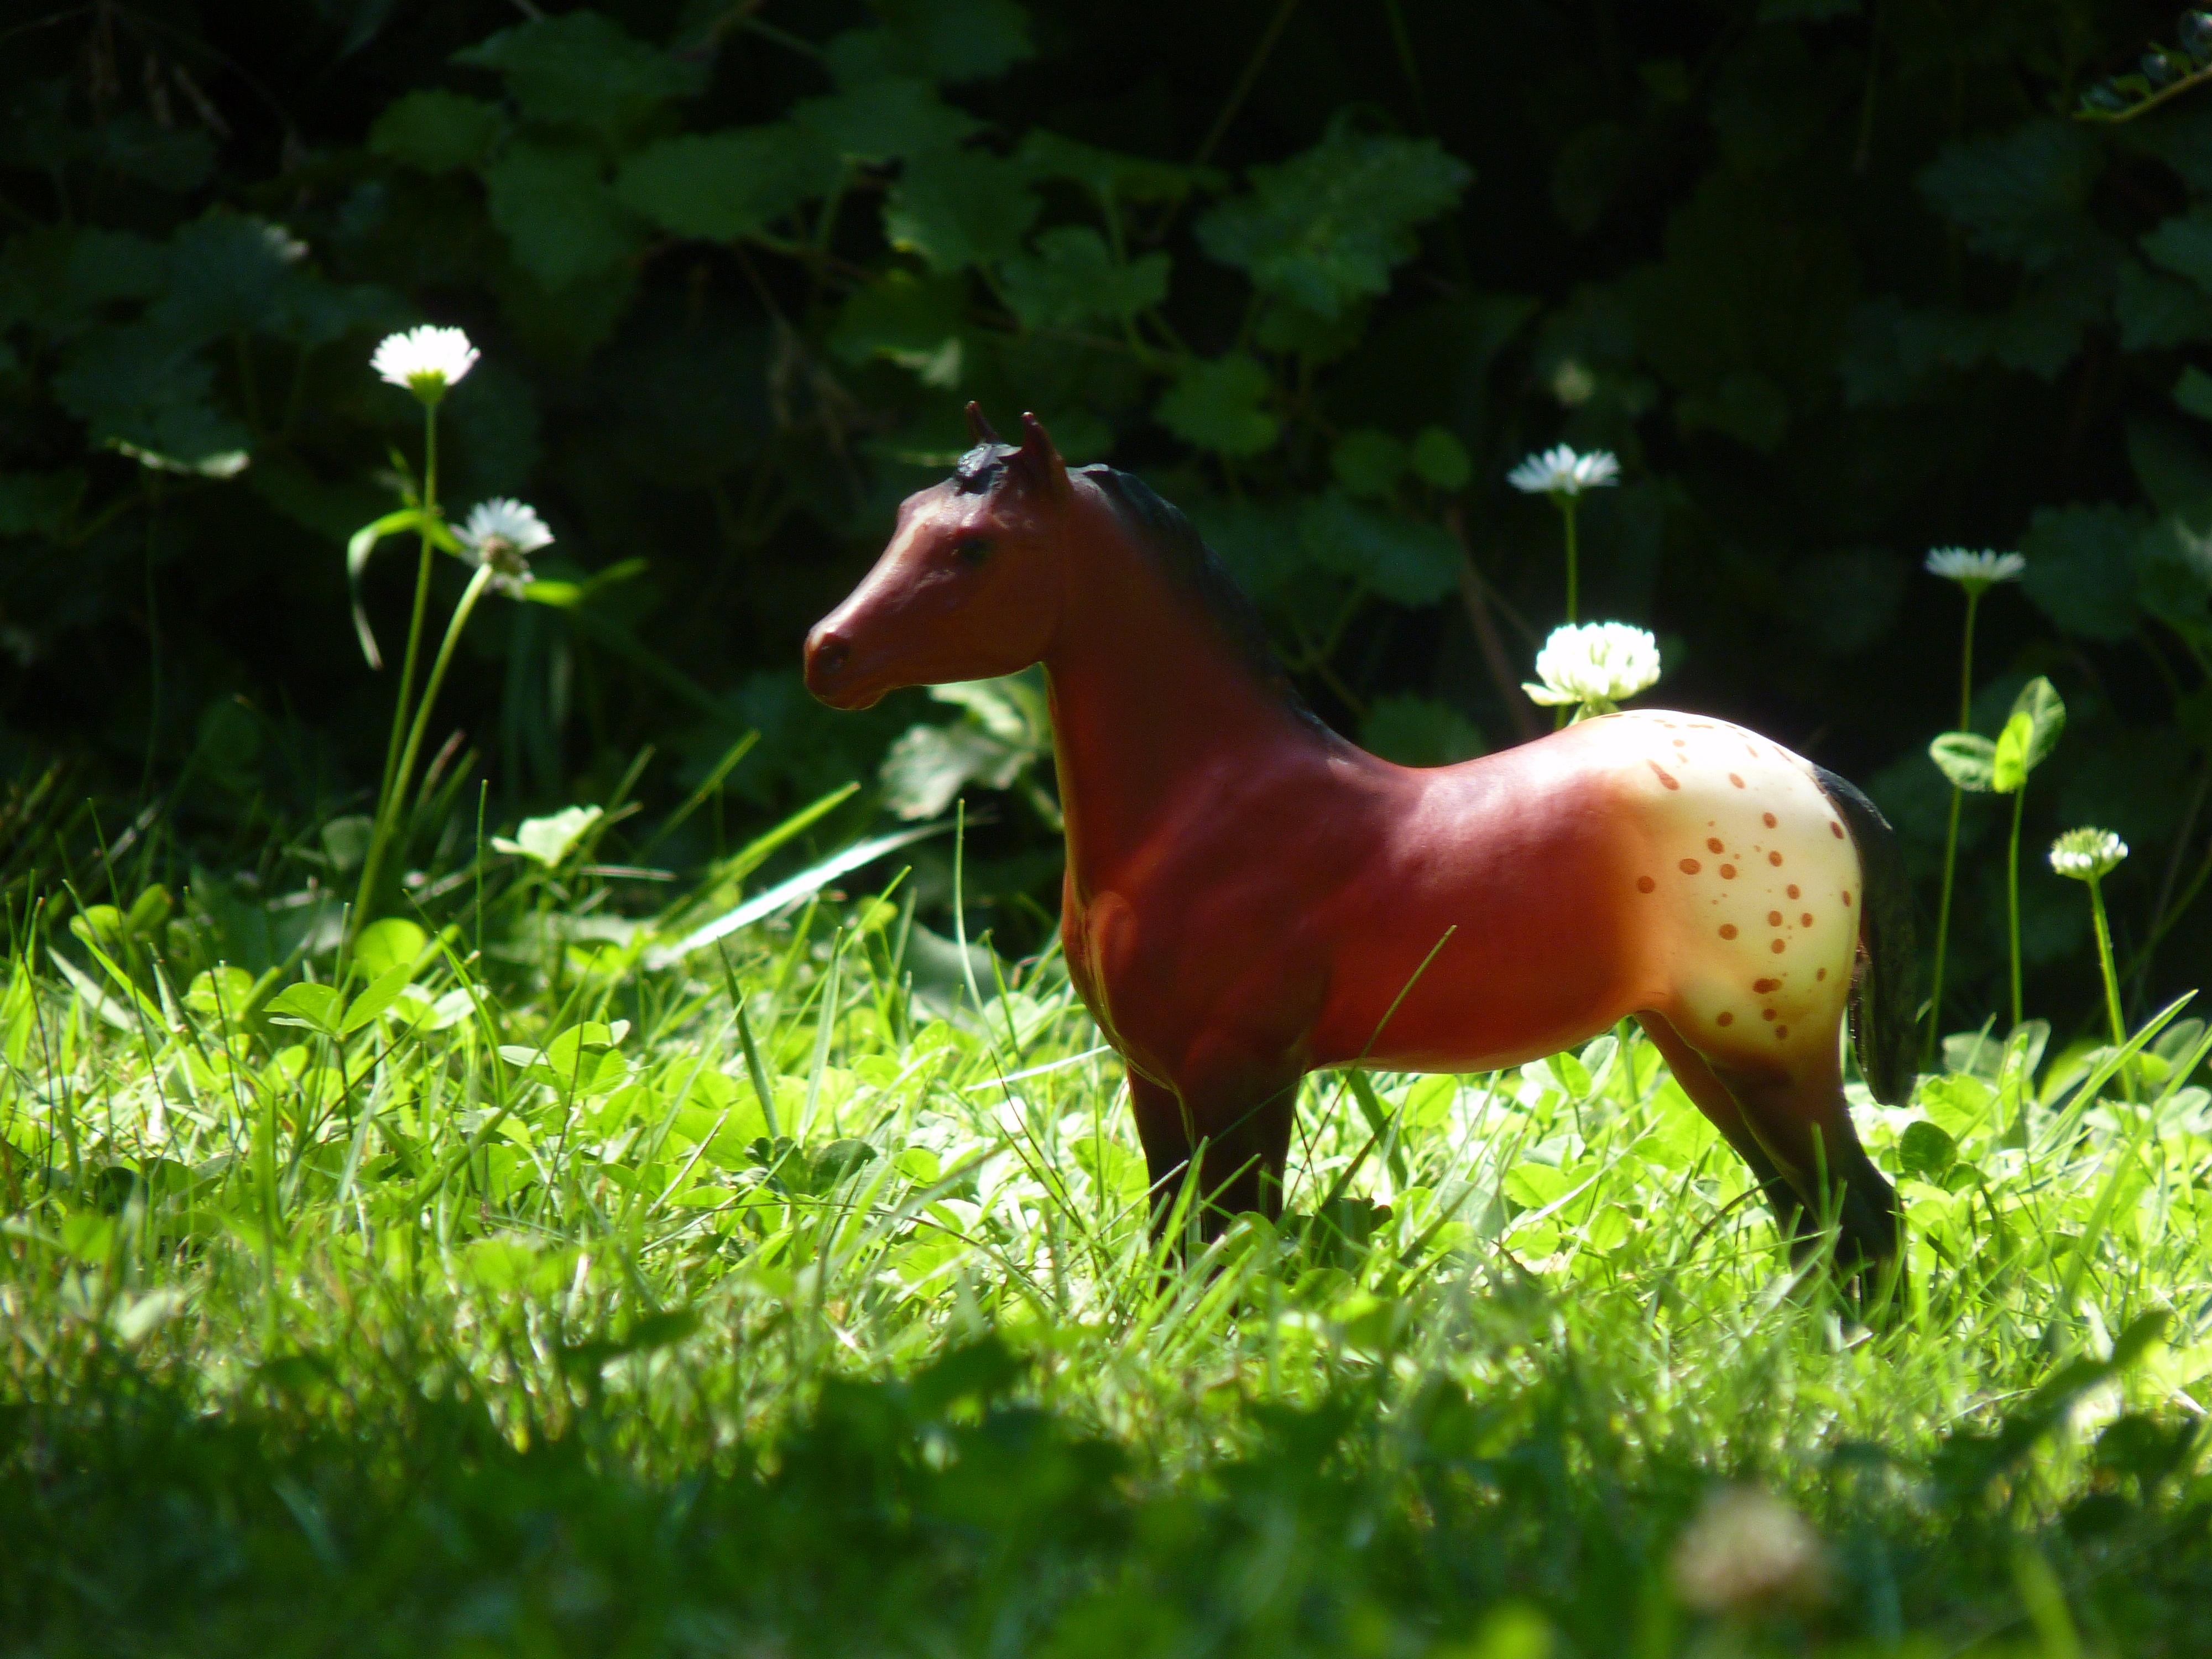 les chevaux de l'écurie Du vieux porche, bienvenue dans ce refuge miniature - Page 2 650946P1060536